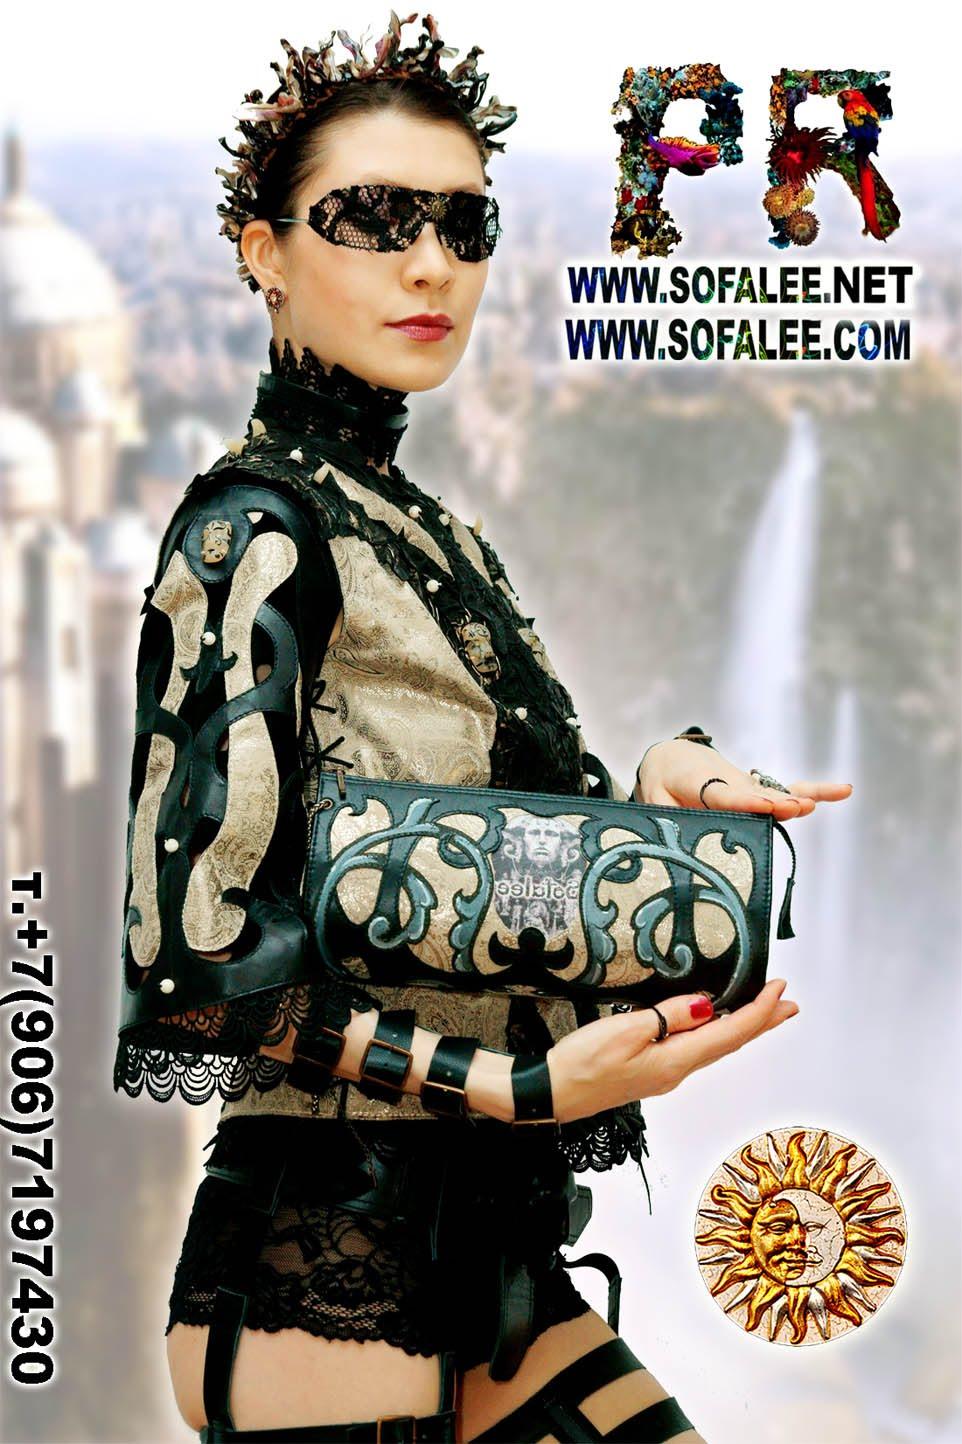 женская куртка жилетка кожаная 1